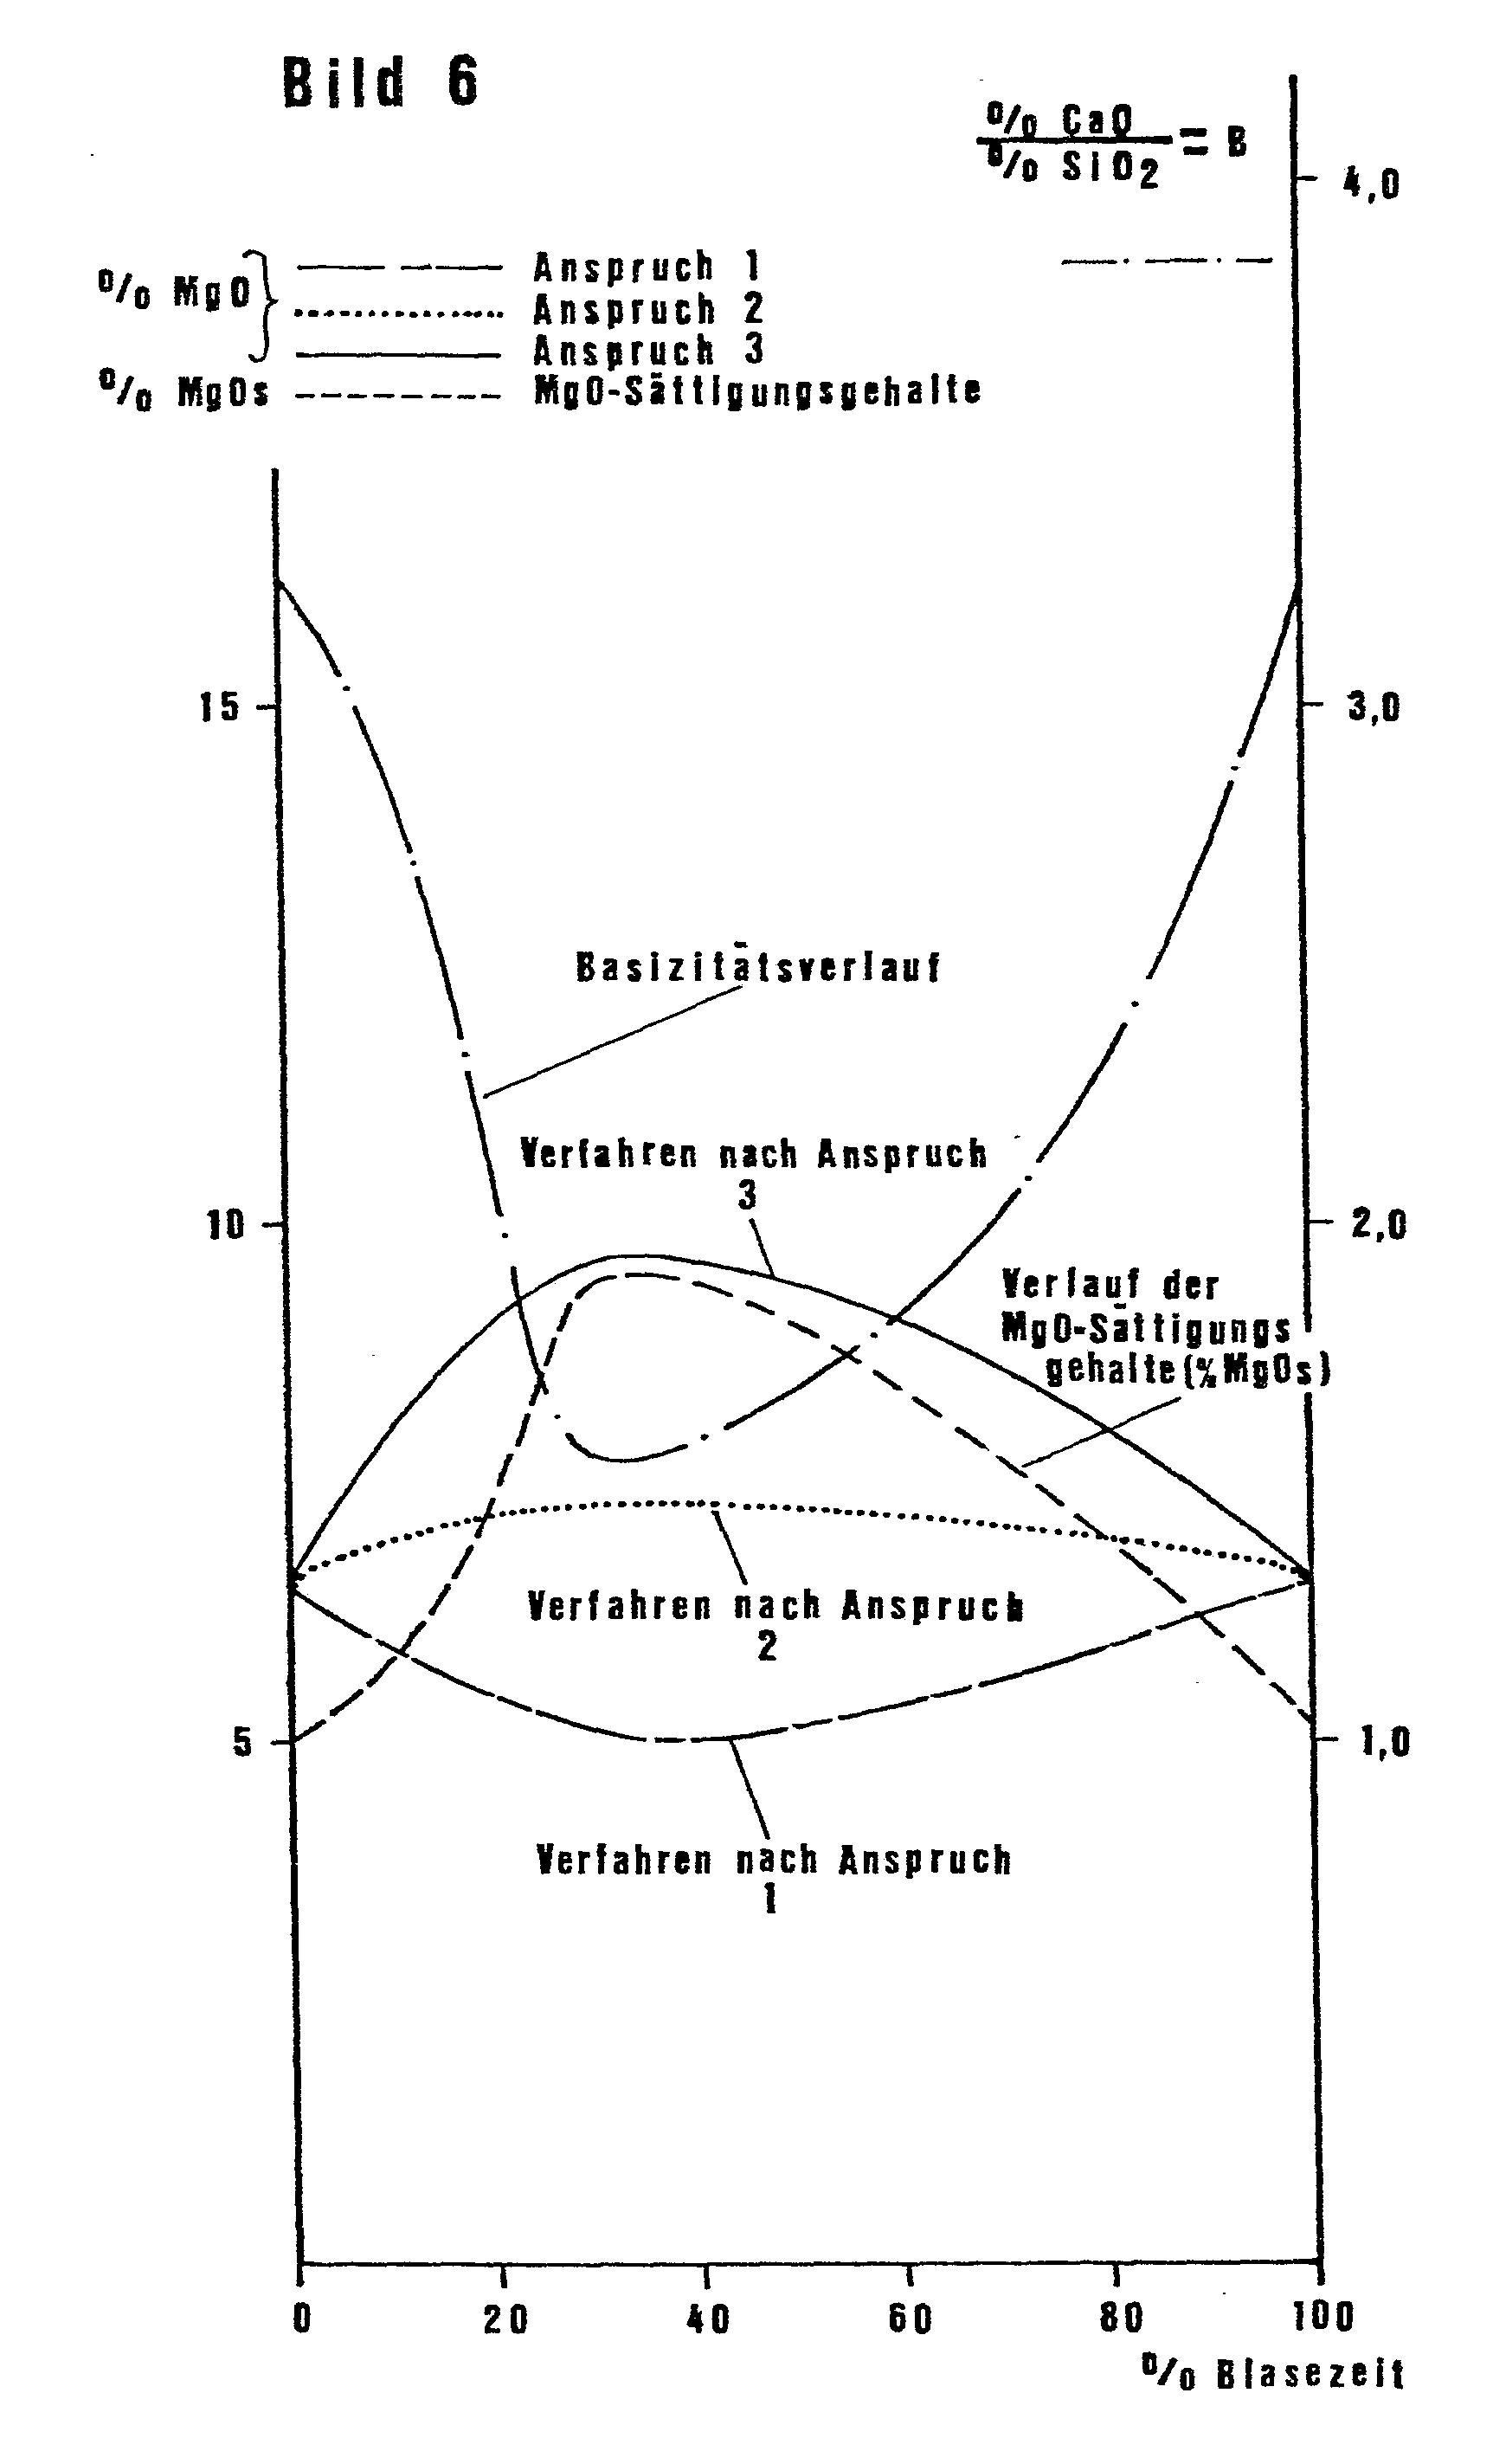 patent ep0050743a1 verfahren zur erzeugung von stahl im basischen konverter unter verwendung. Black Bedroom Furniture Sets. Home Design Ideas